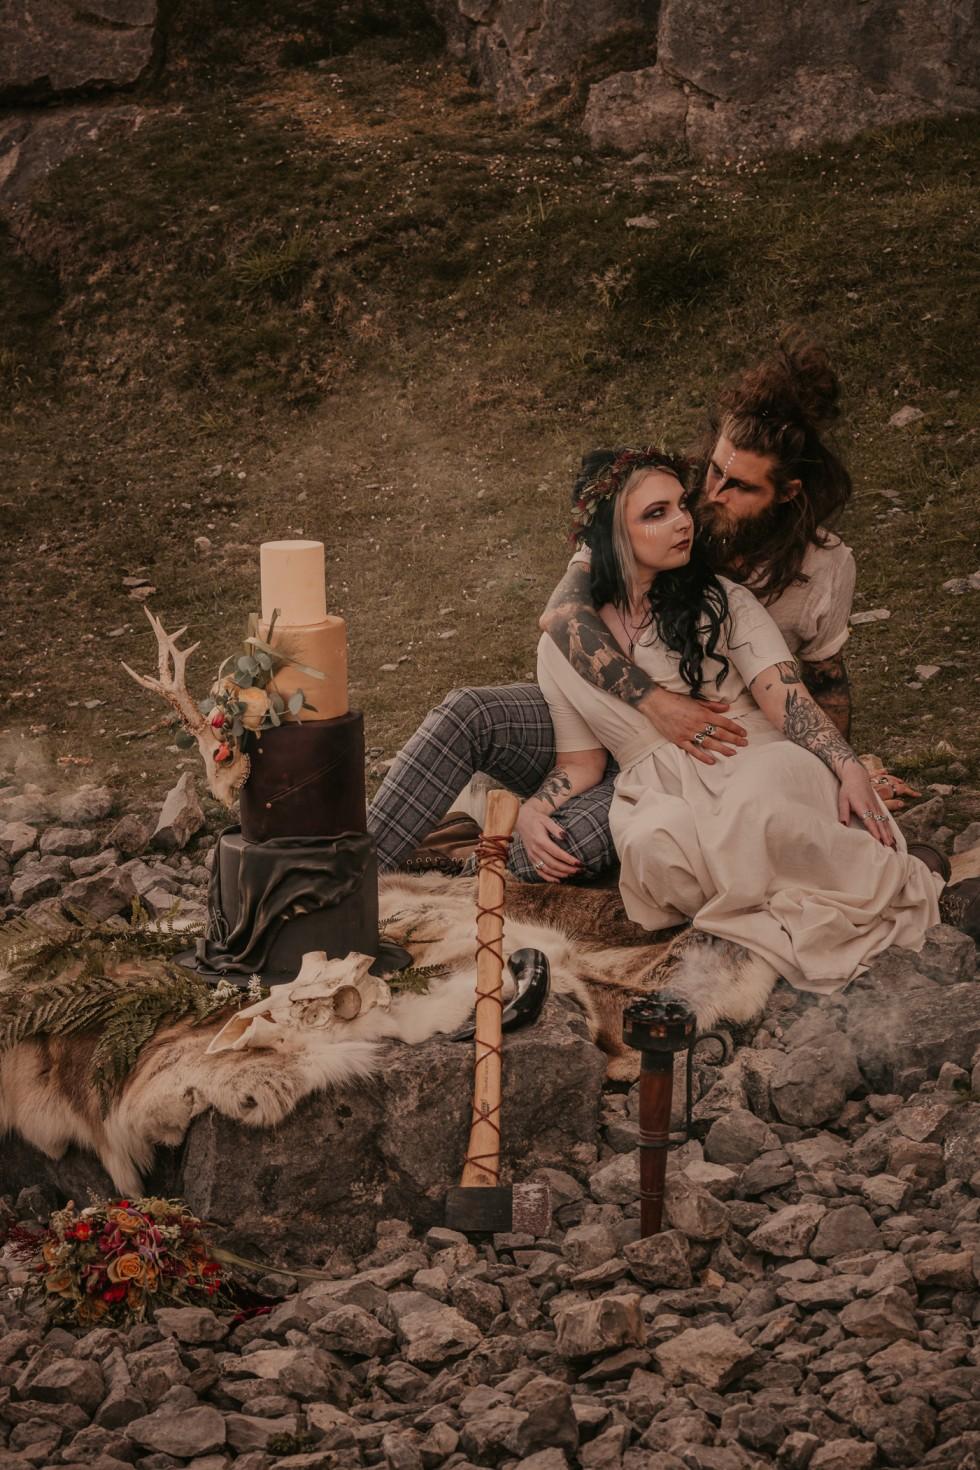 viking wedding - wild wedding - outdoor elopement - alternative wedding styling - alternative bride and groom - alternative wedding cake - skull wedding cake